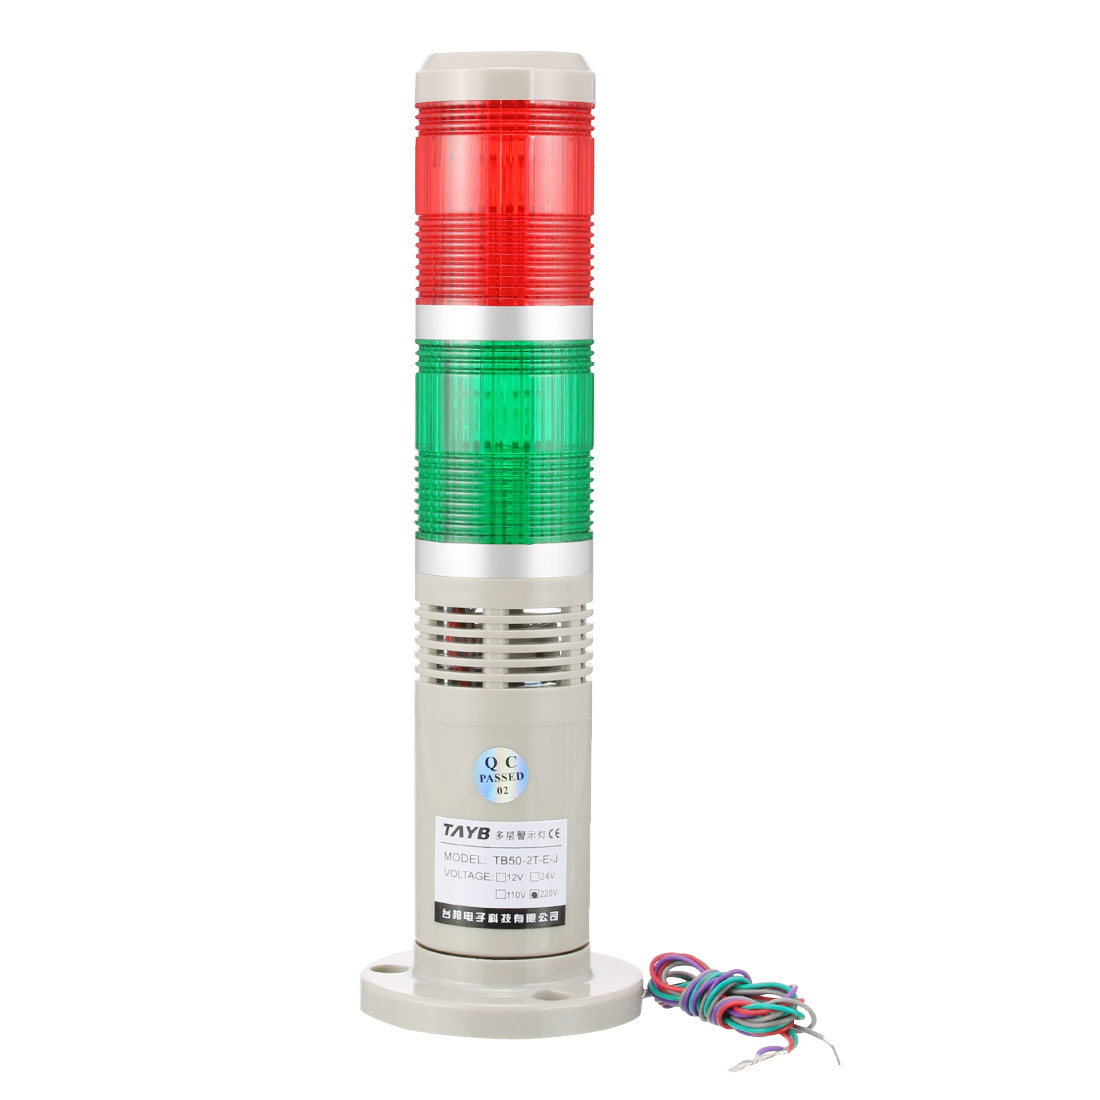 Warning Light Bulb Bright Industrial Alarm Lamp Buzzer 90dB AC220V Red Green